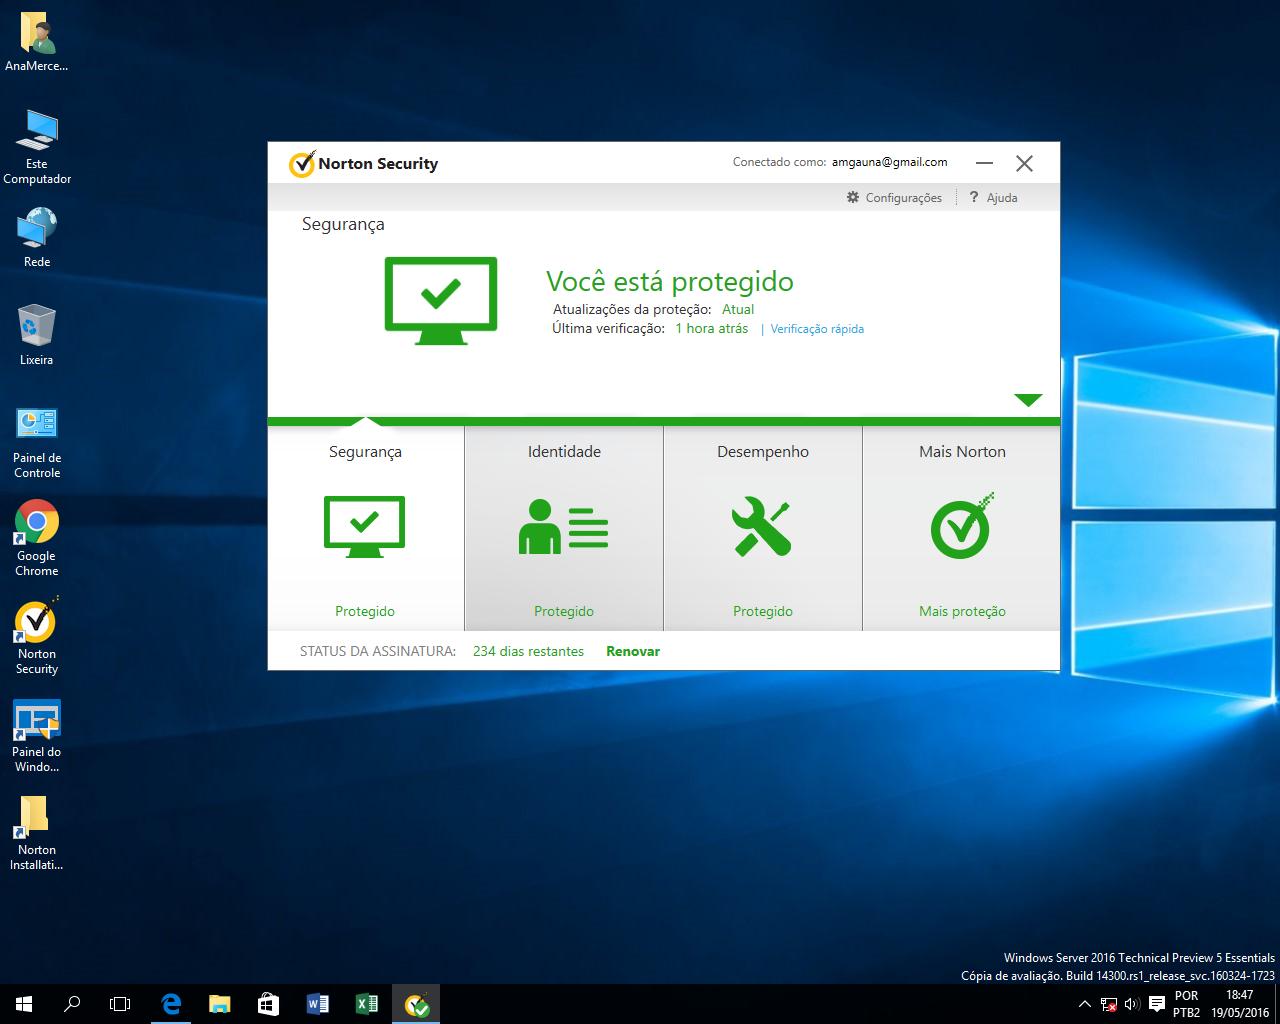 Windows Server 2016 Preview 5 + Symantec Norton 2016